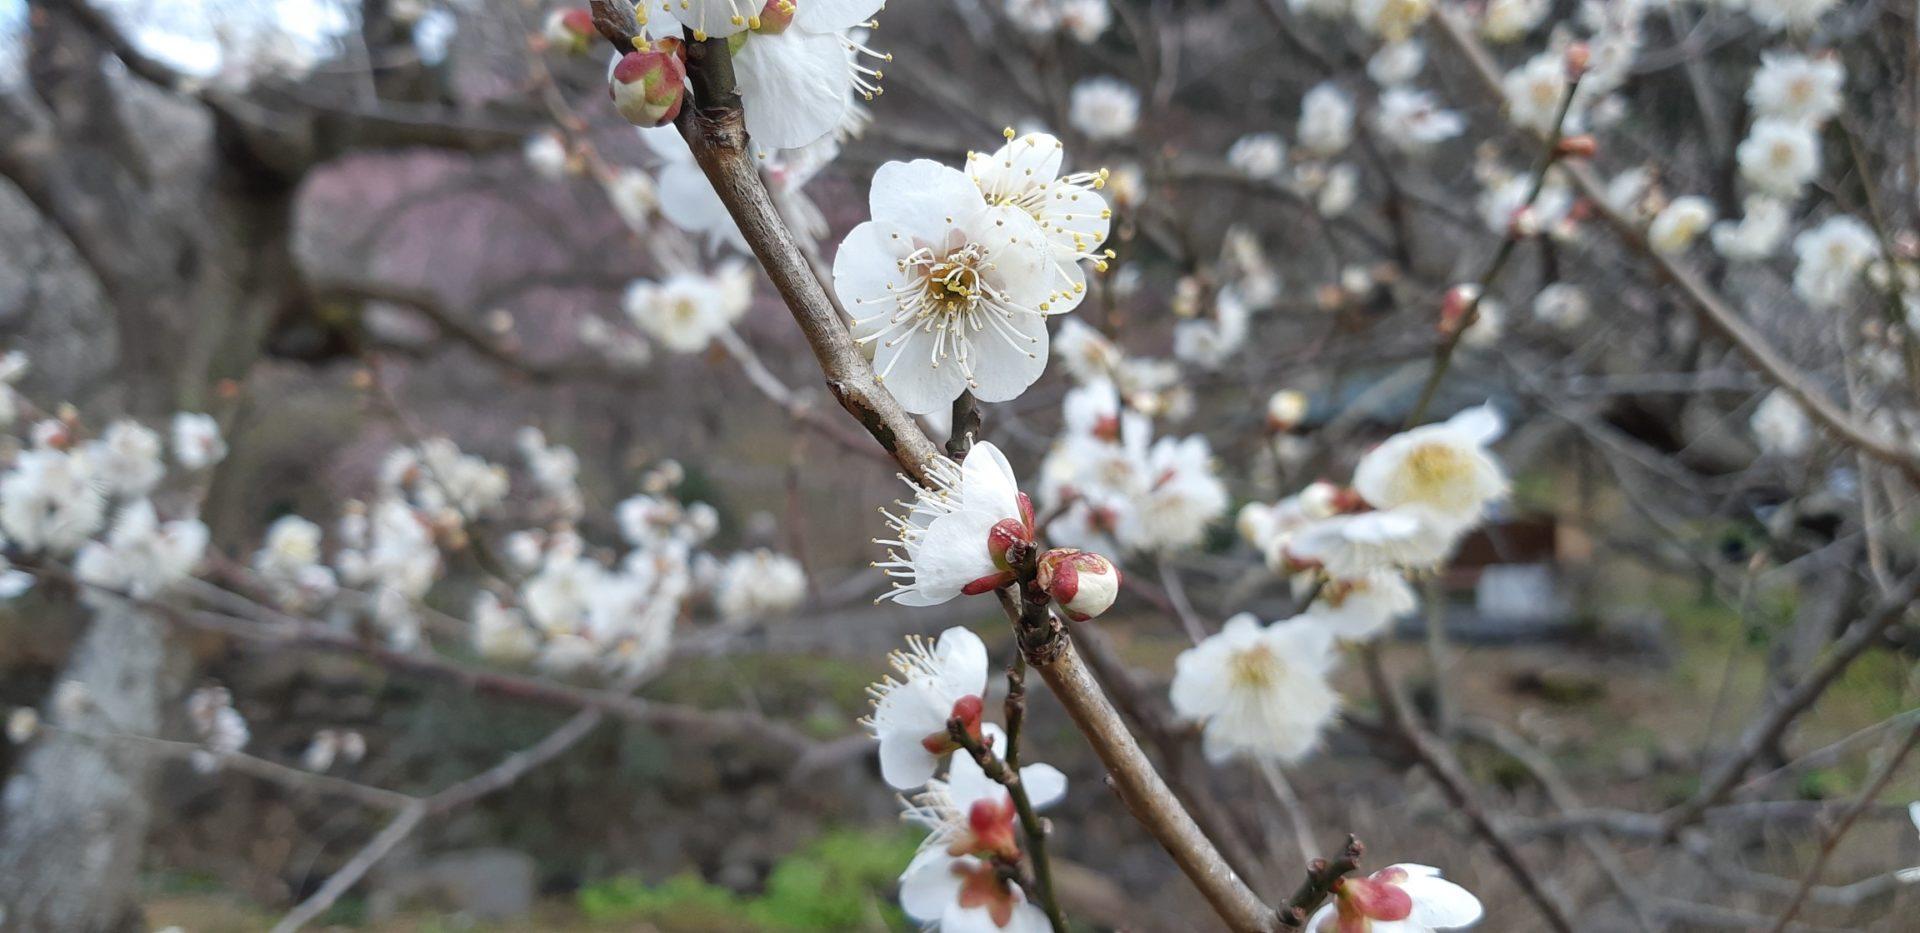 熱海梅園の梅が、満開です。 2月12日の画像です。